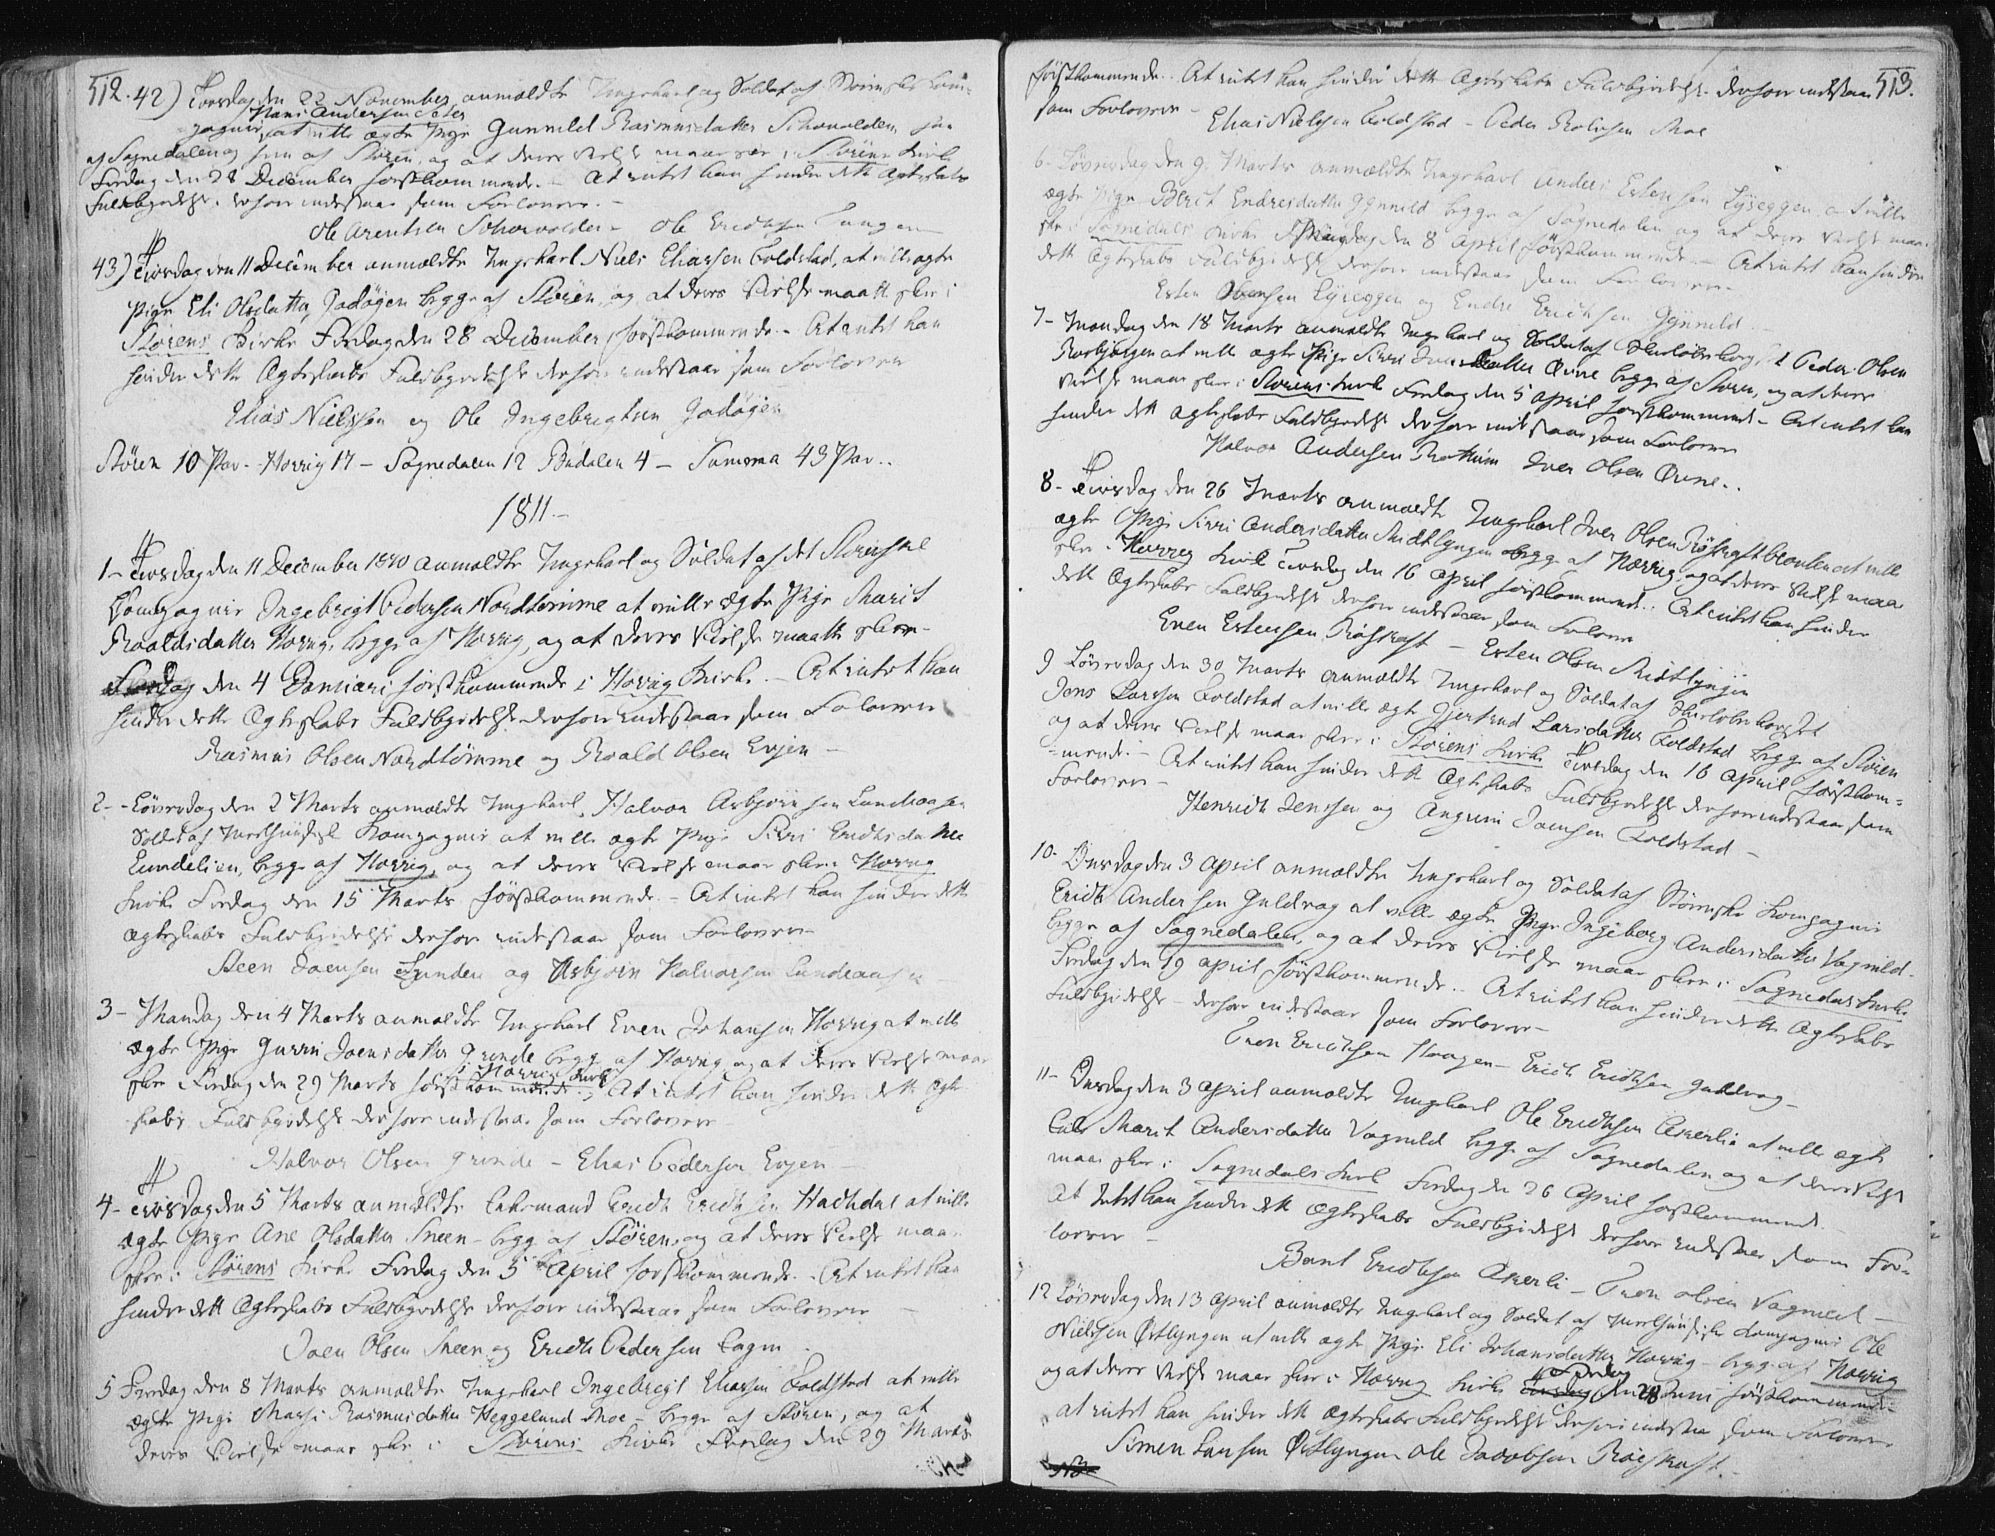 SAT, Ministerialprotokoller, klokkerbøker og fødselsregistre - Sør-Trøndelag, 687/L0992: Ministerialbok nr. 687A03 /1, 1788-1815, s. 512-513